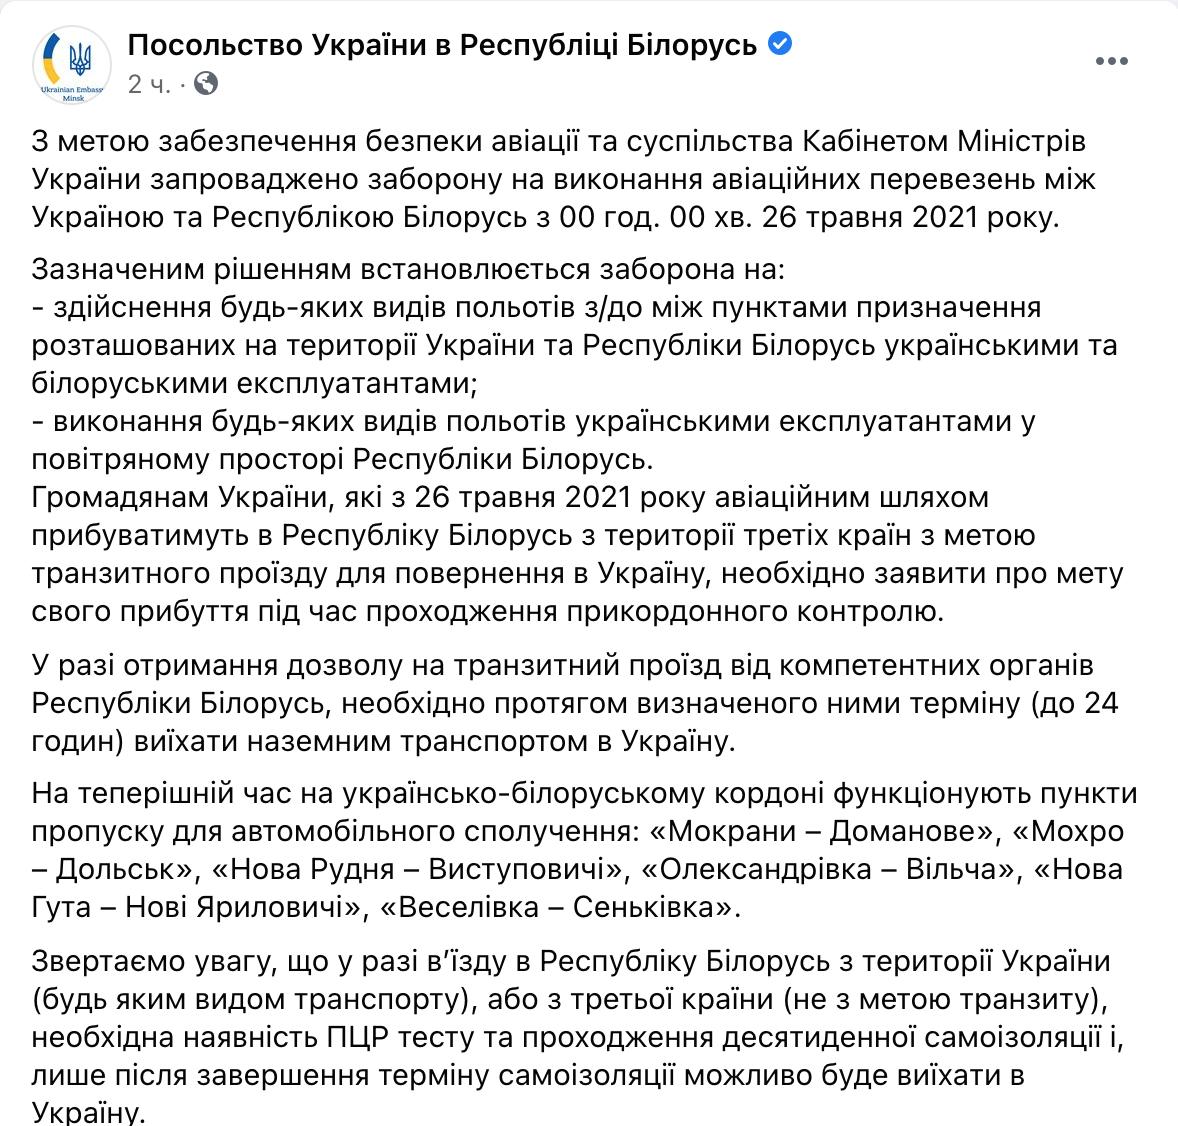 В посольстве разъяснили, как будет происходить транзит украинцев через Беларусь